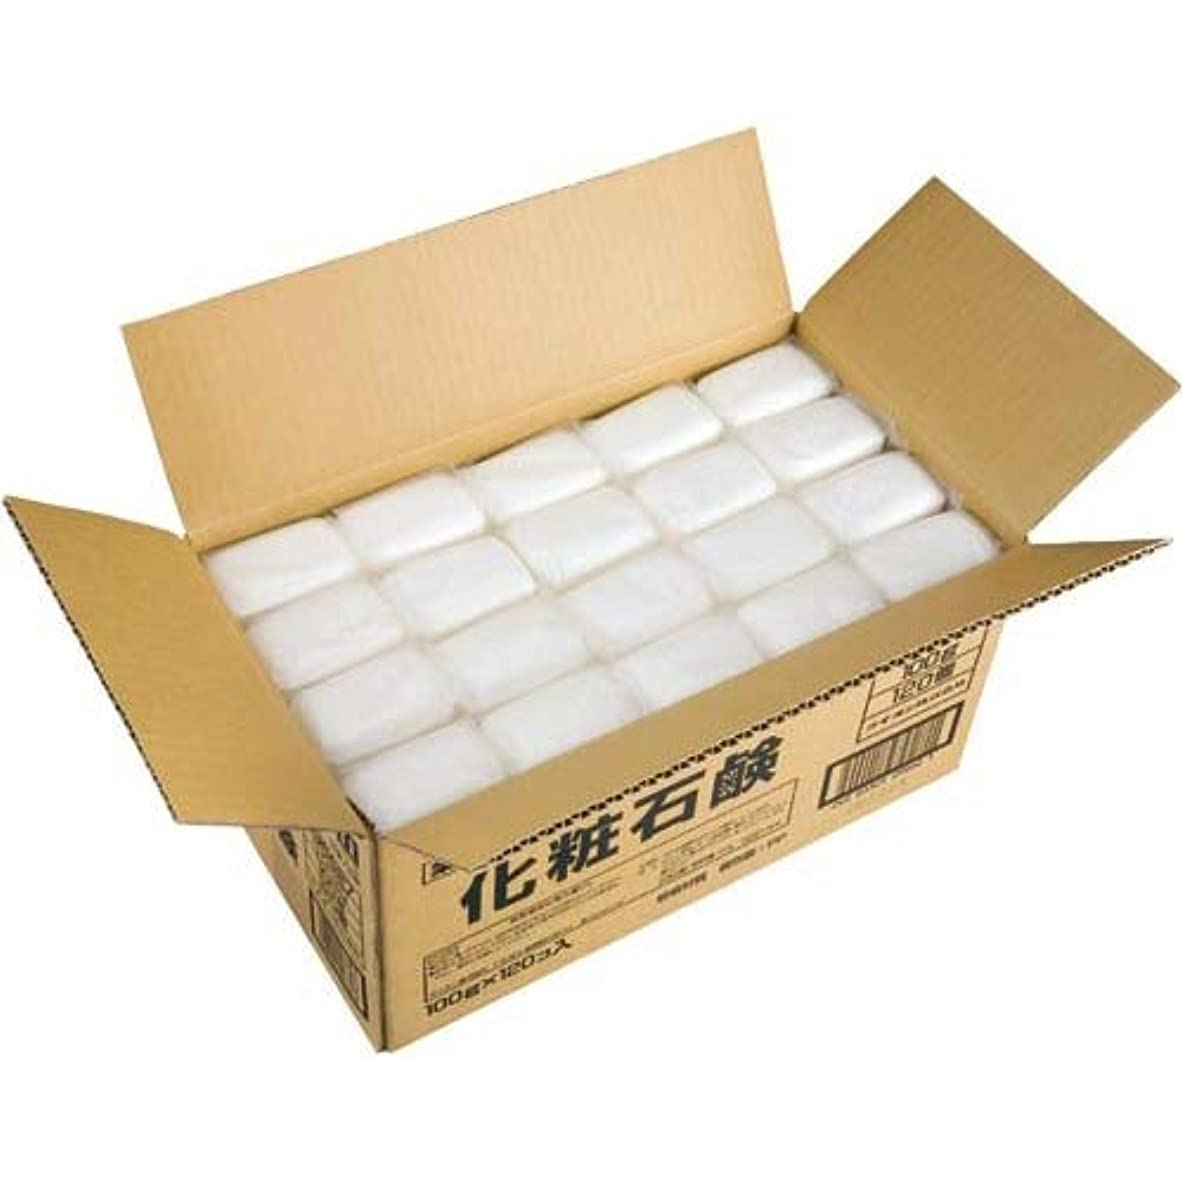 デンマーク光沢パンサーライオン 植物物語 化粧石鹸 (100g×120入)